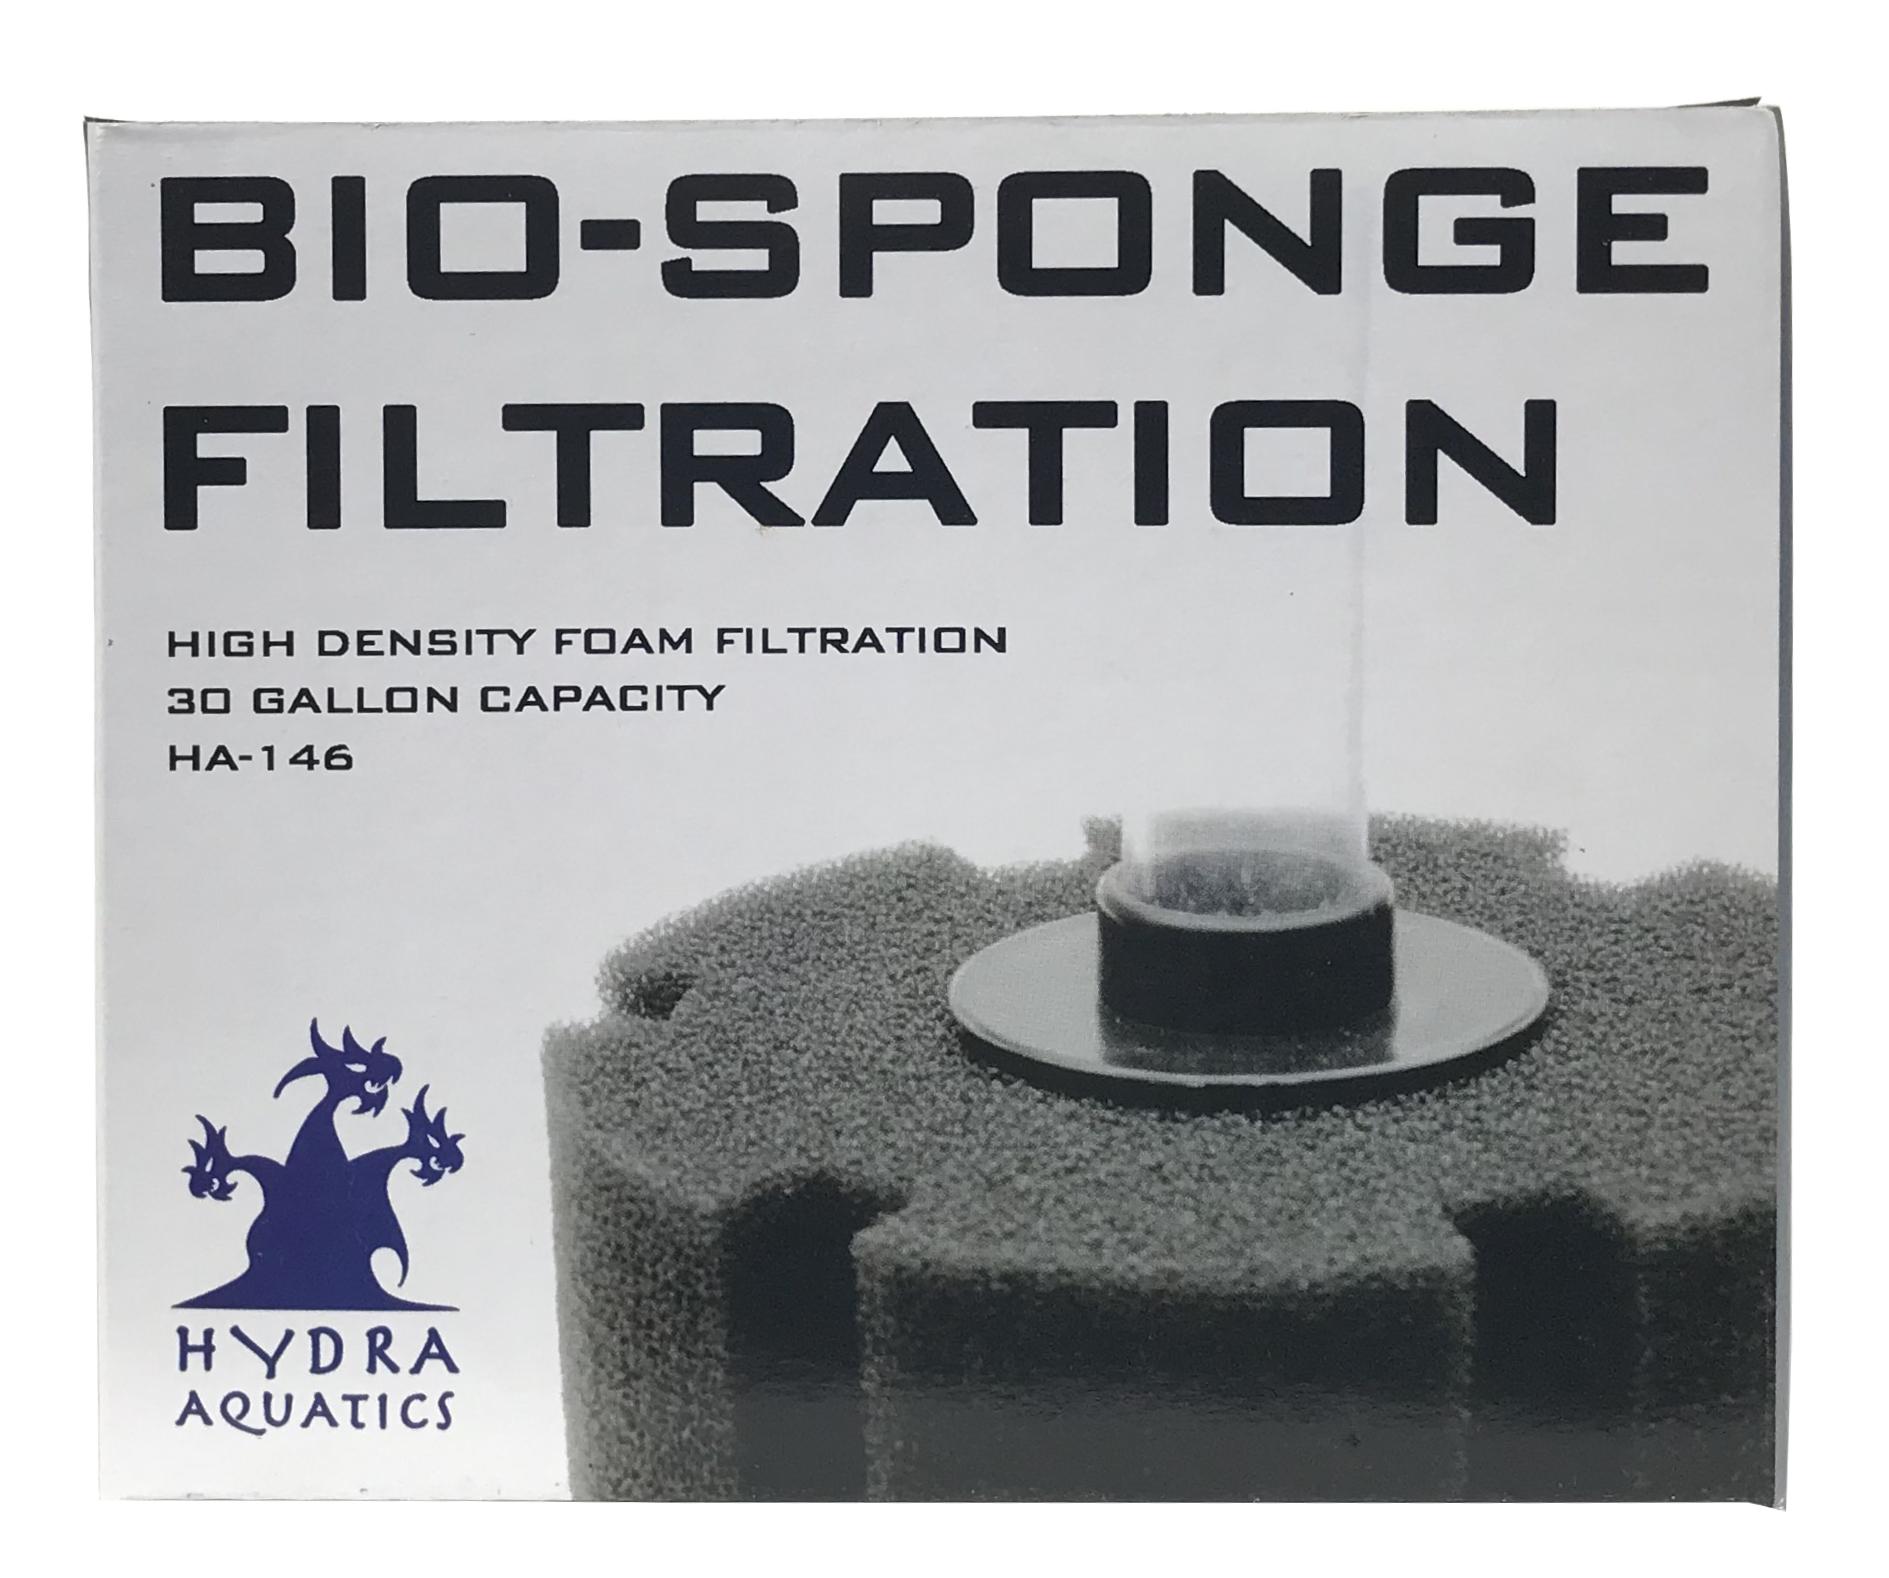 Hydra Bio-Sponge Filter - 30 gallon